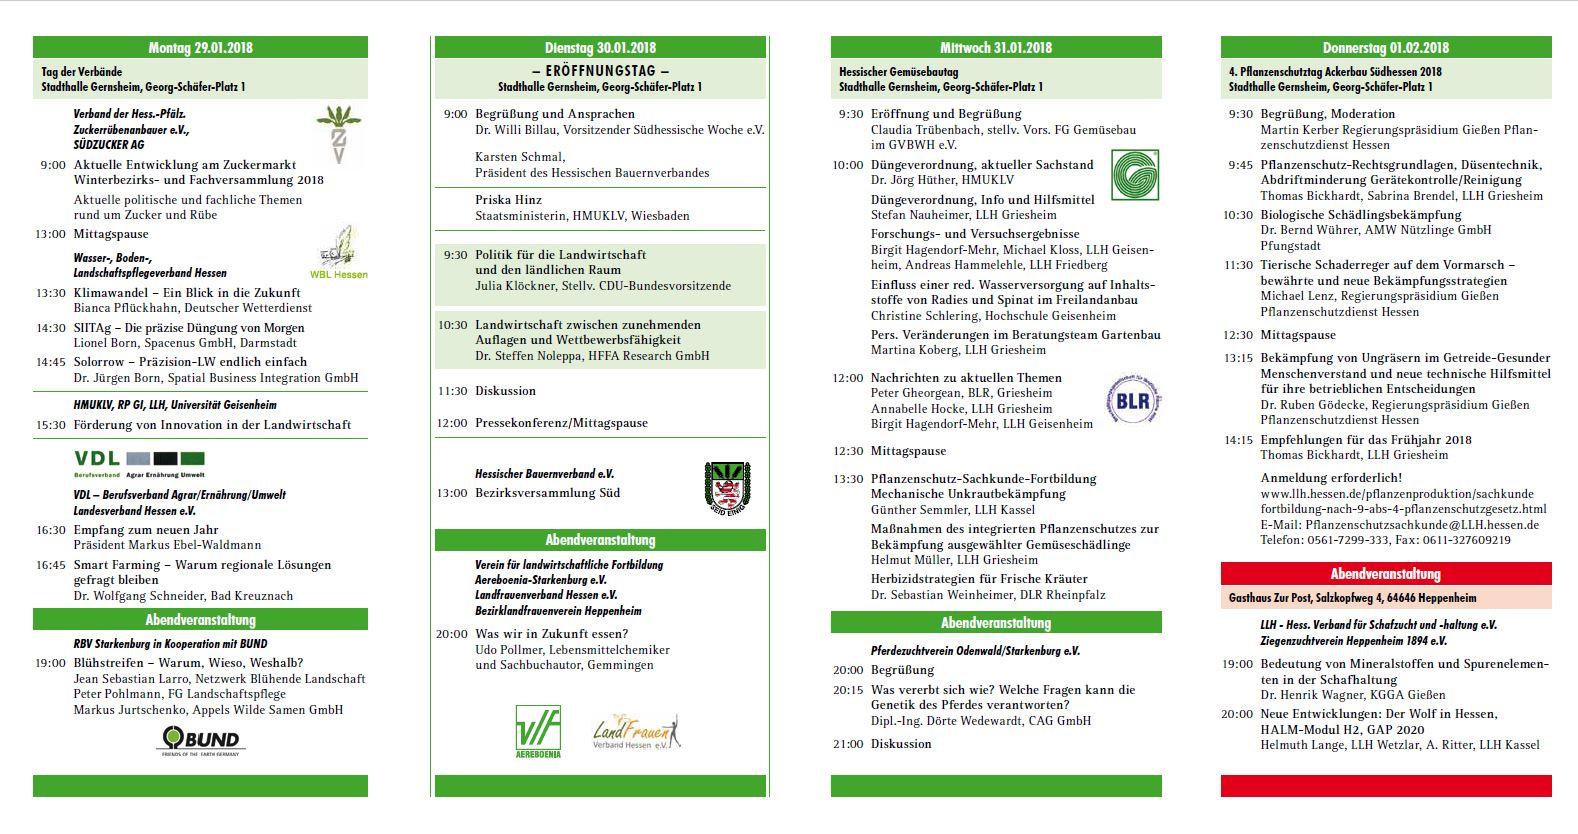 Programm 63. Landwirtschaftliche Woche Südhessen 2018